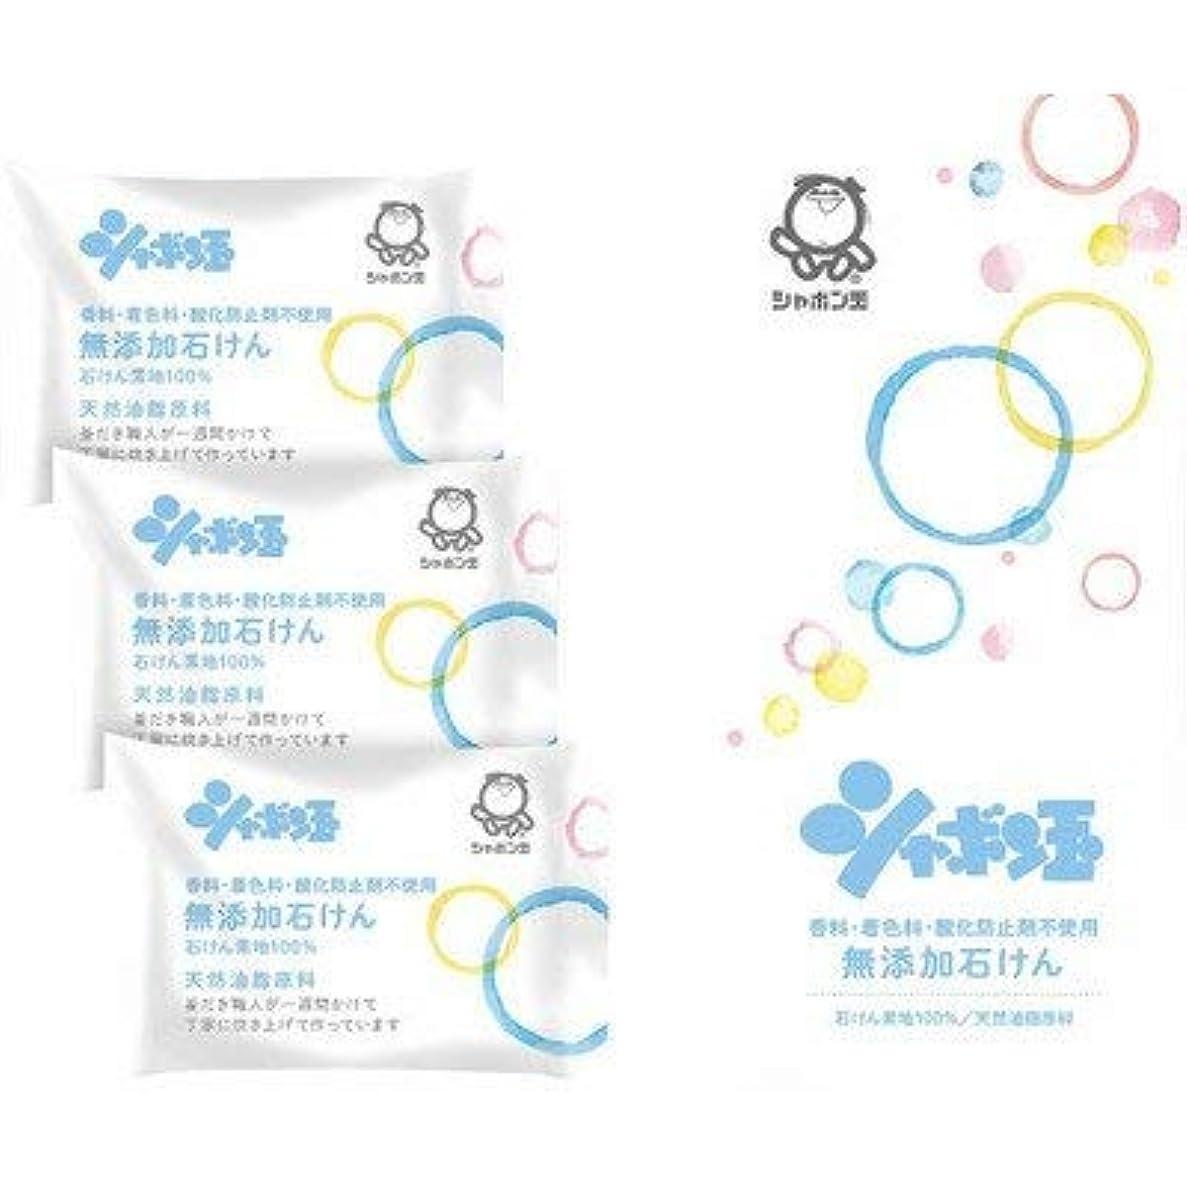 中級団結恋人【ギフトセット】 シャボン玉無添加石鹸ギフトセット SMG-5B